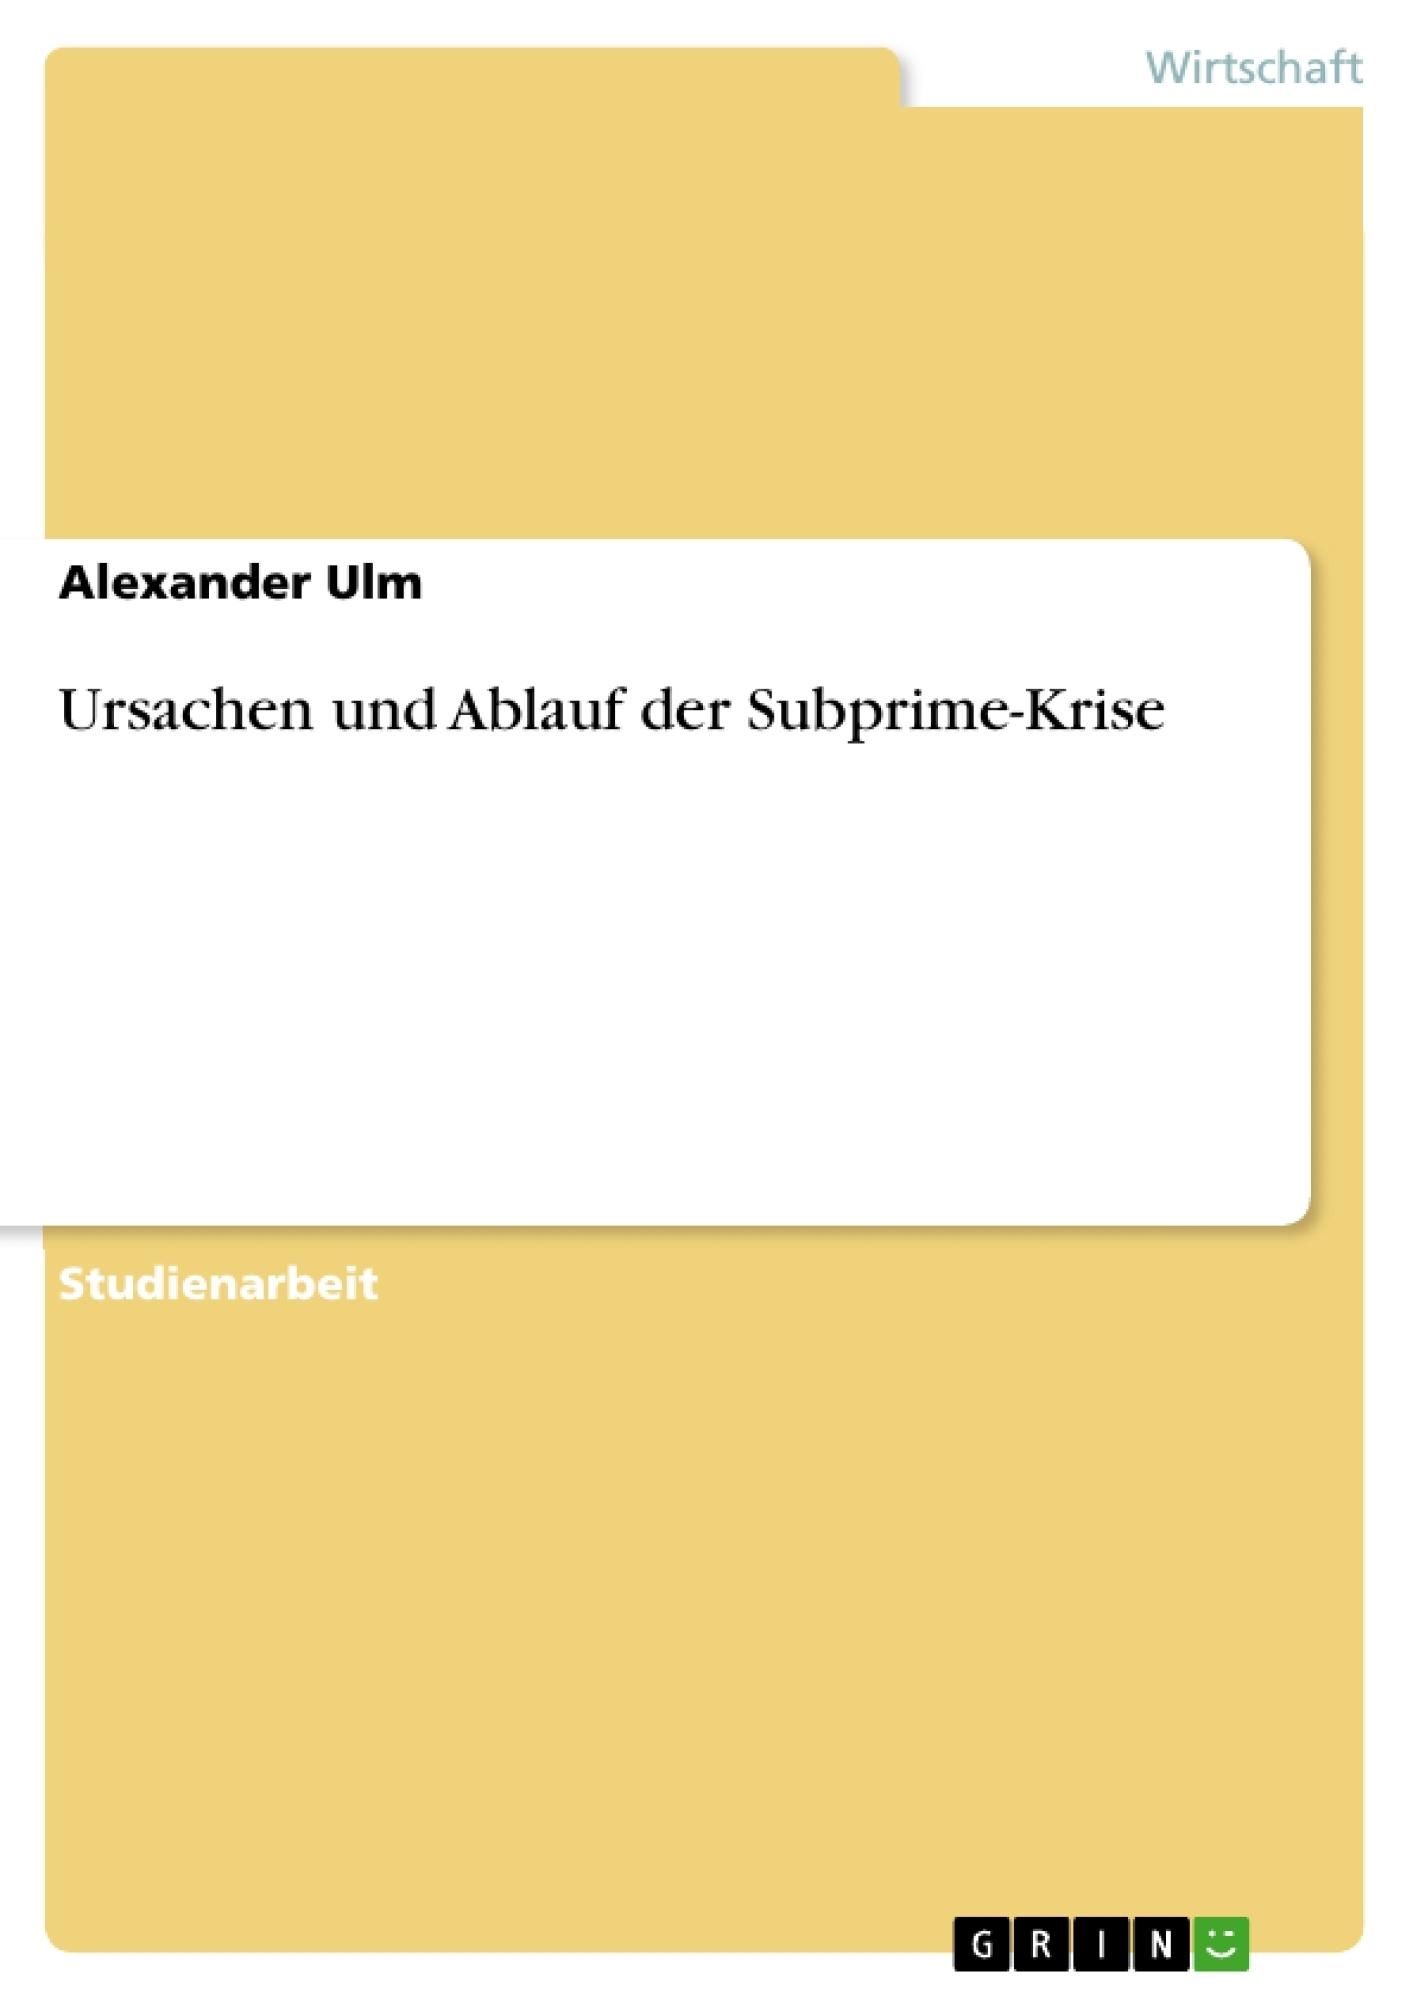 Titel: Ursachen und Ablauf der Subprime-Krise